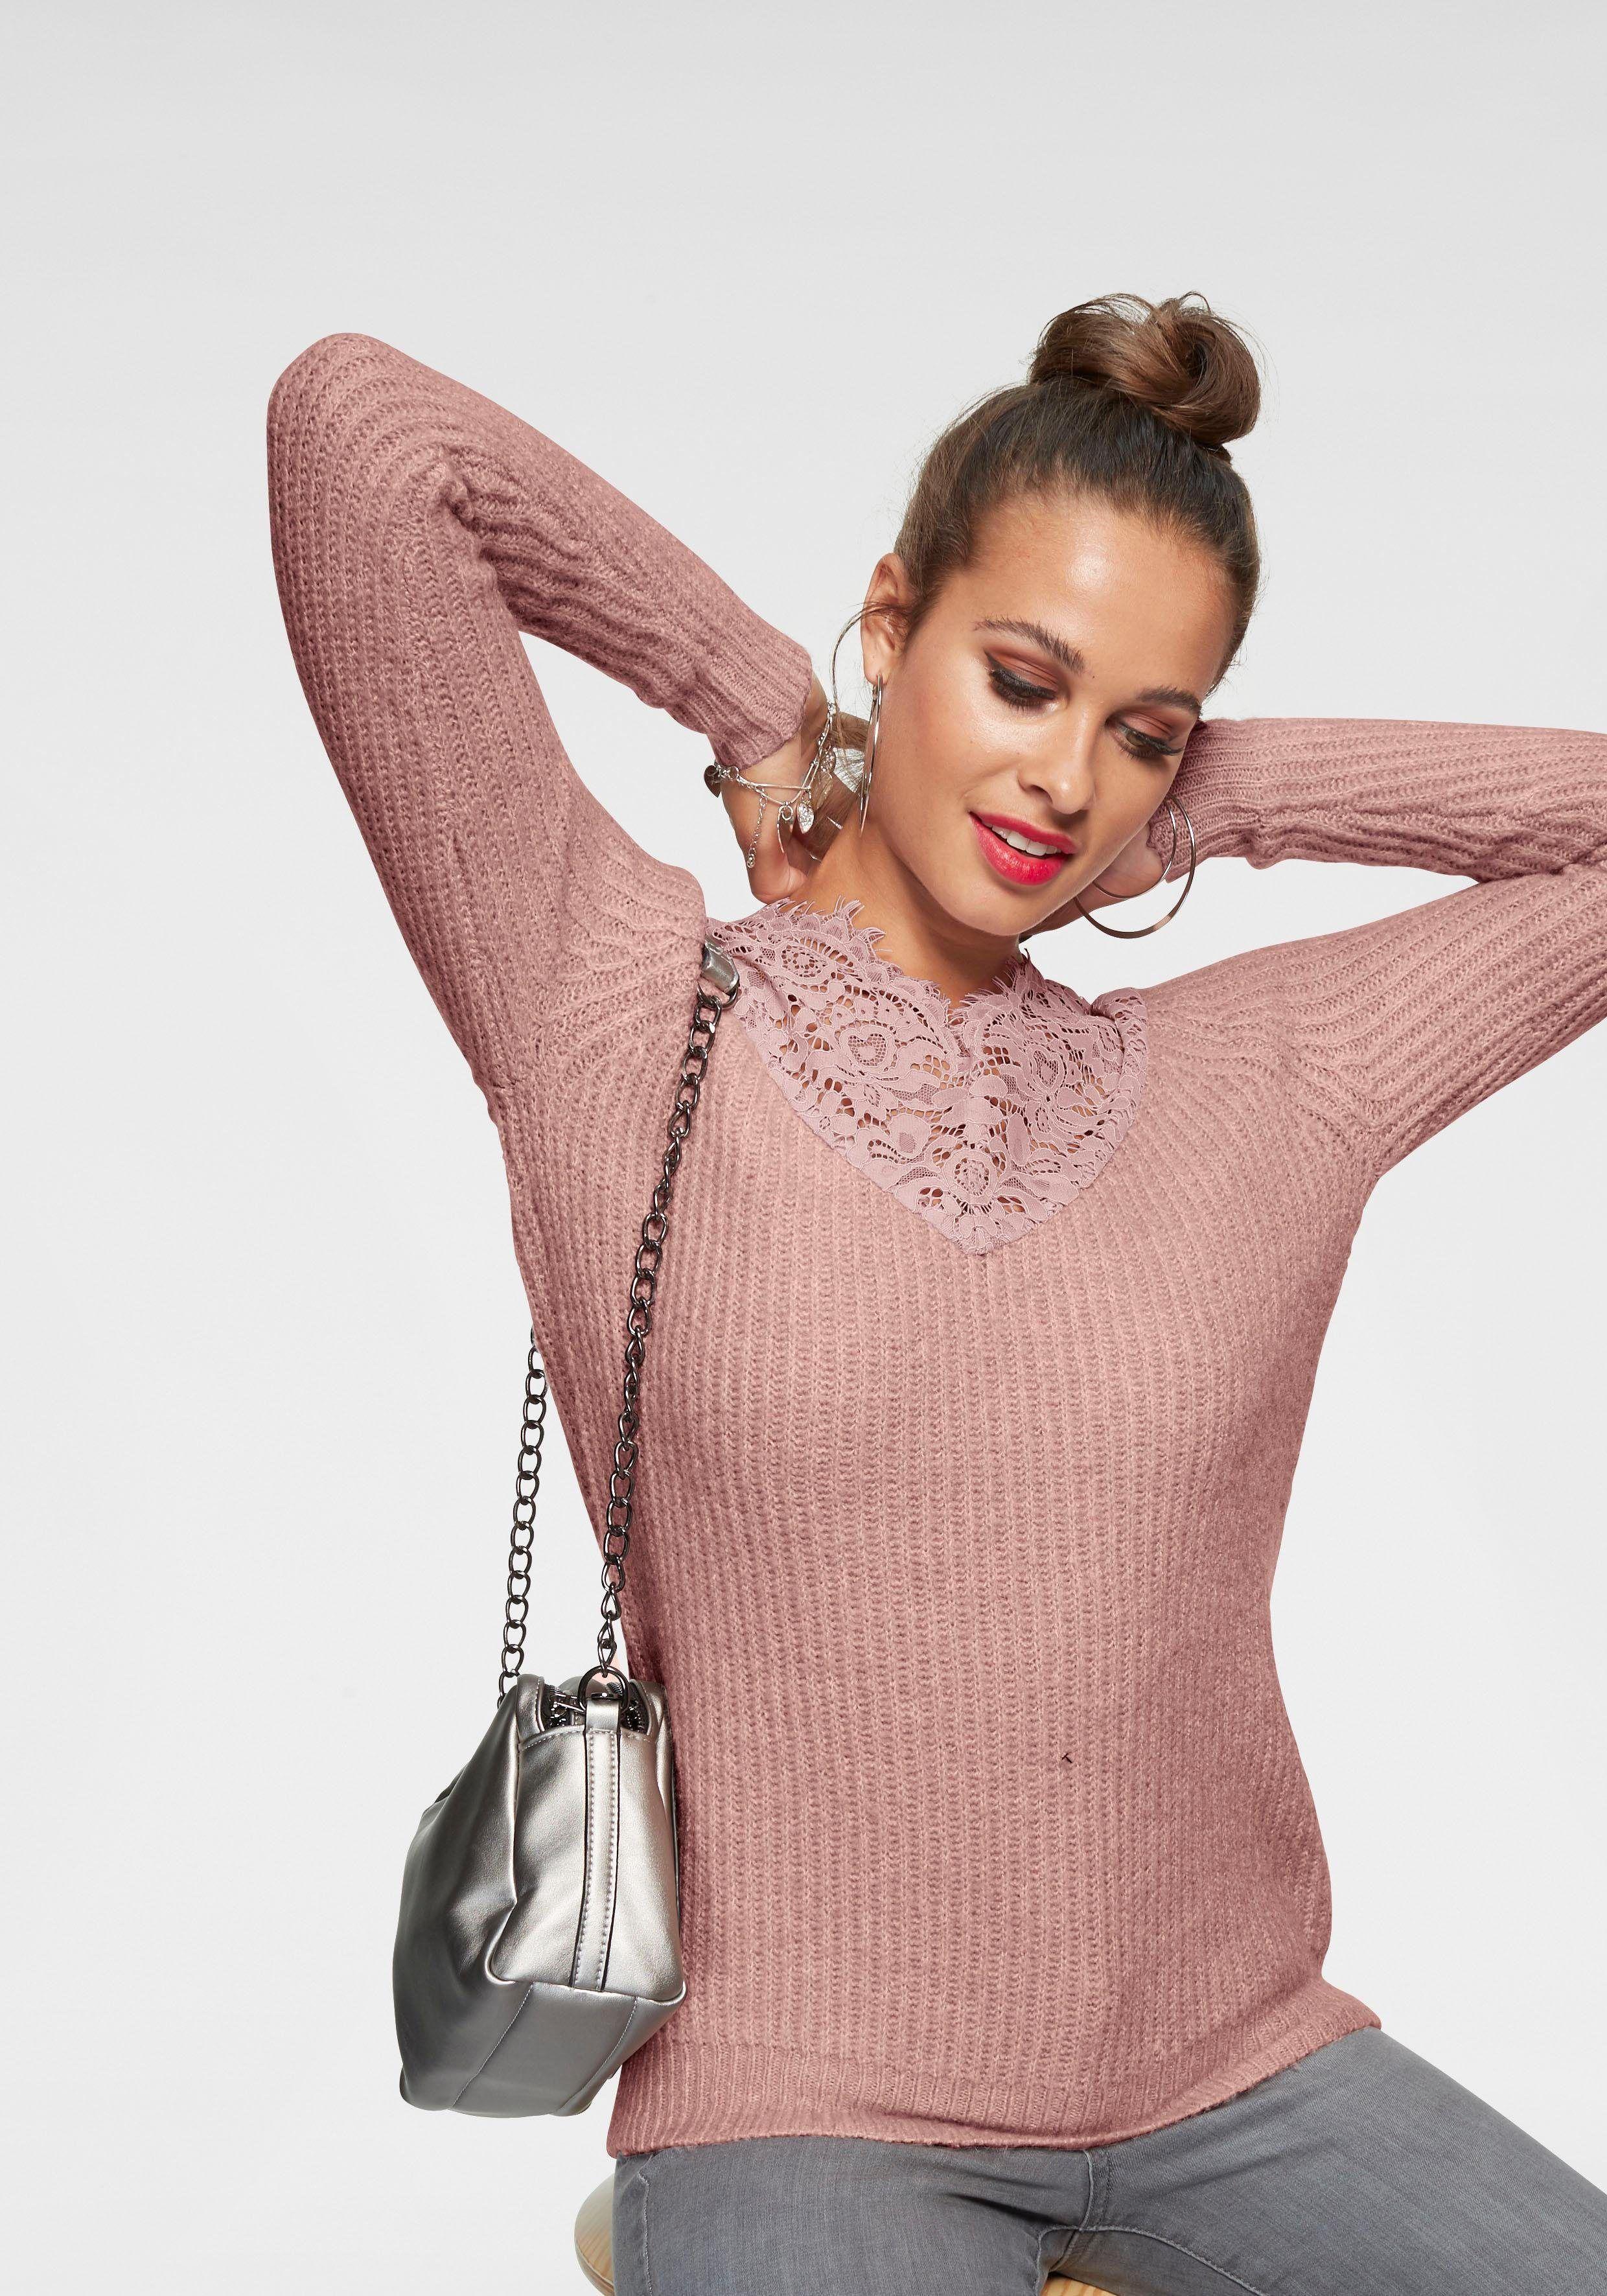 e8ee56f359 #VEROMODA #Bekleidung #Pullover #Strickpullover #Damen #Vero #Moda  #Strickpullover